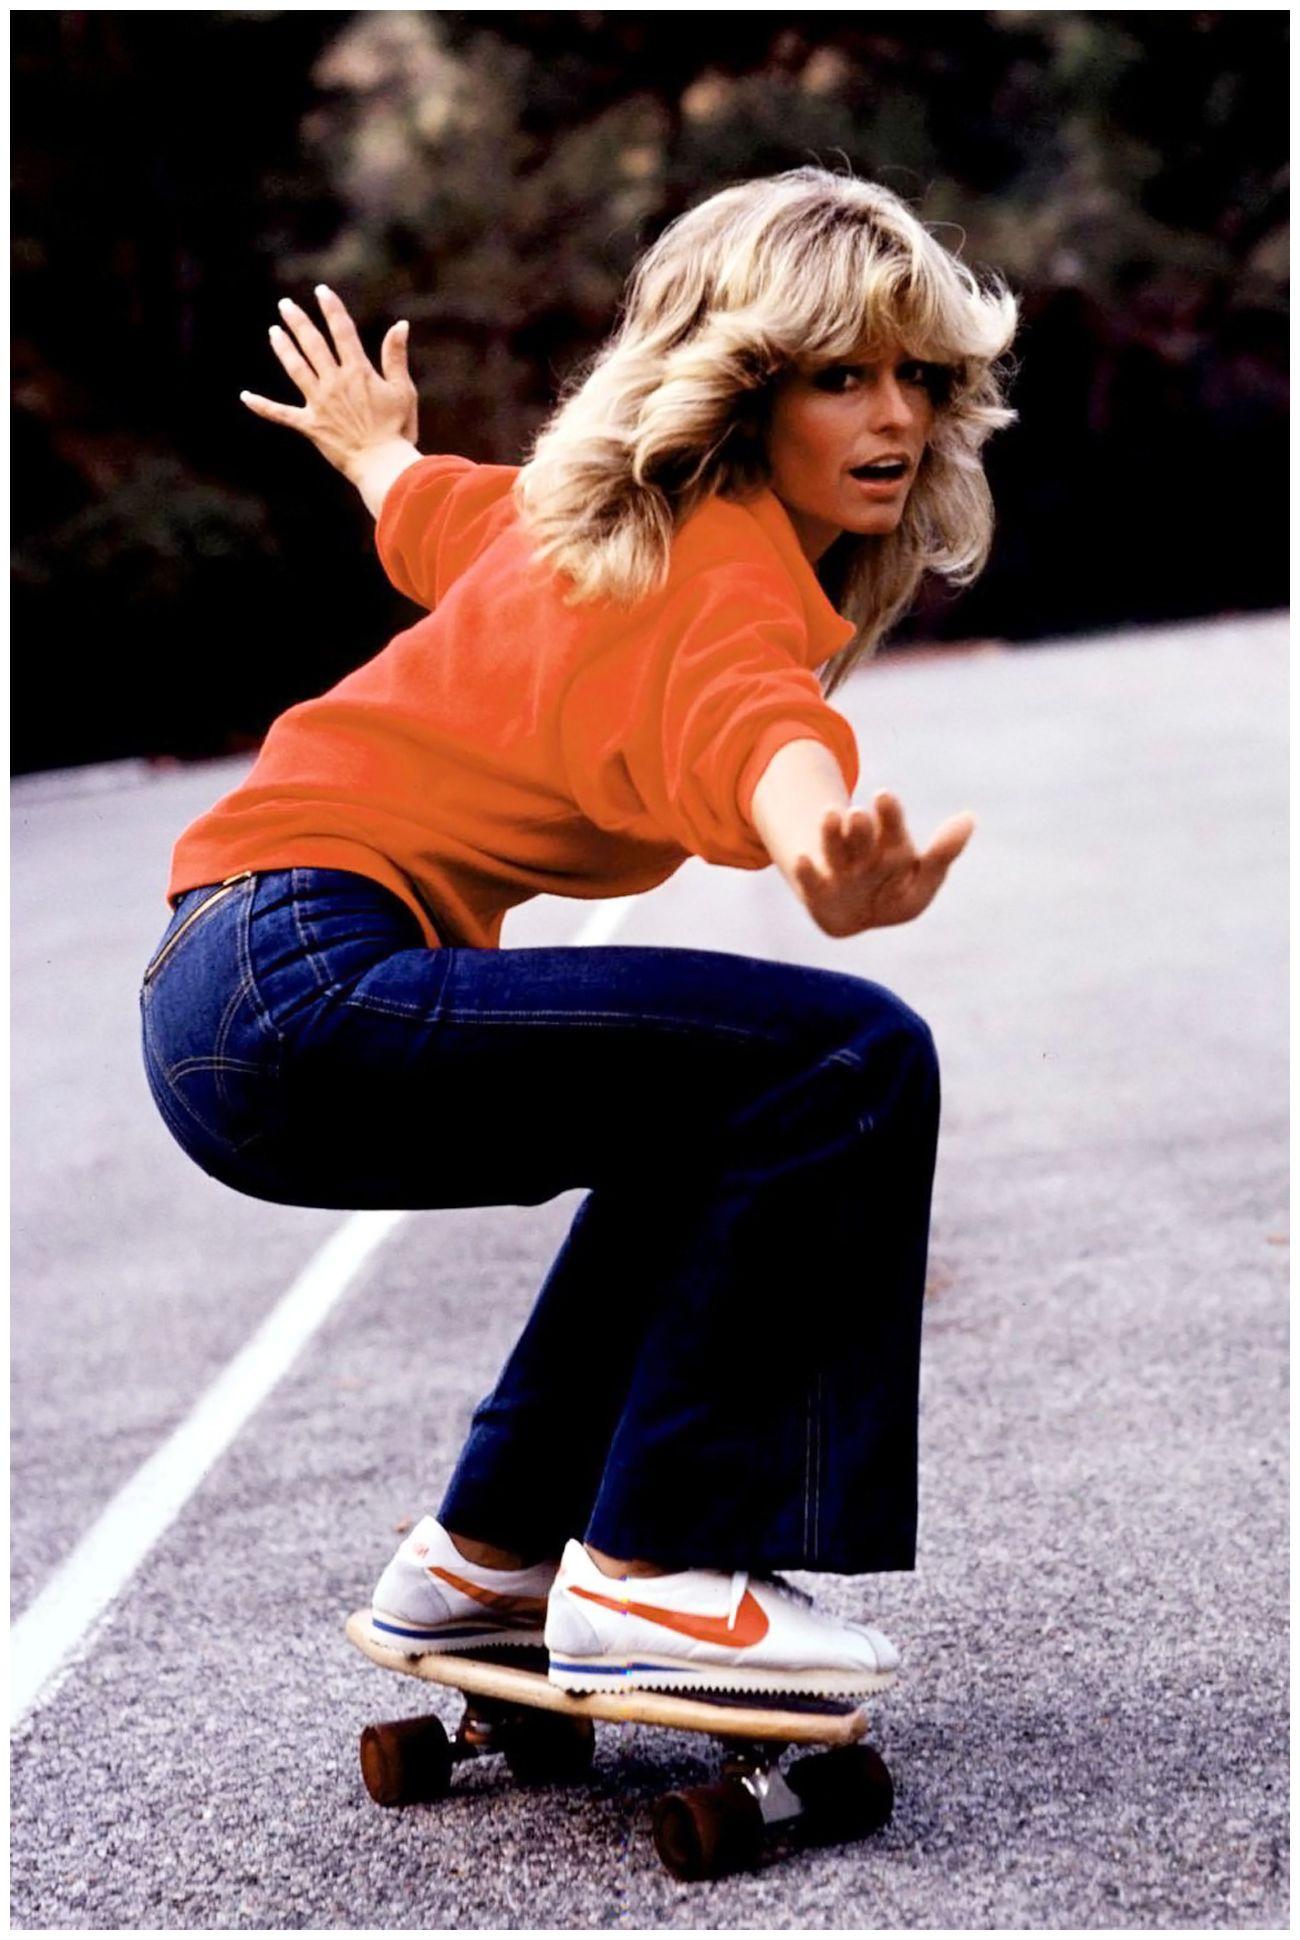 IKONISKE: En av grunnene til at Nike-skoene ble så populære var på grunn av alle kjendisene som brukte dem, blant annet ikoniske Farrah Fawcett (bildet) som spilte i Charlie´s Angels på midten av 70-tallet. Senere har også Will Smith, Roger Federer, Michael Jackson og Kanye West latt seg avbilde i skoene.